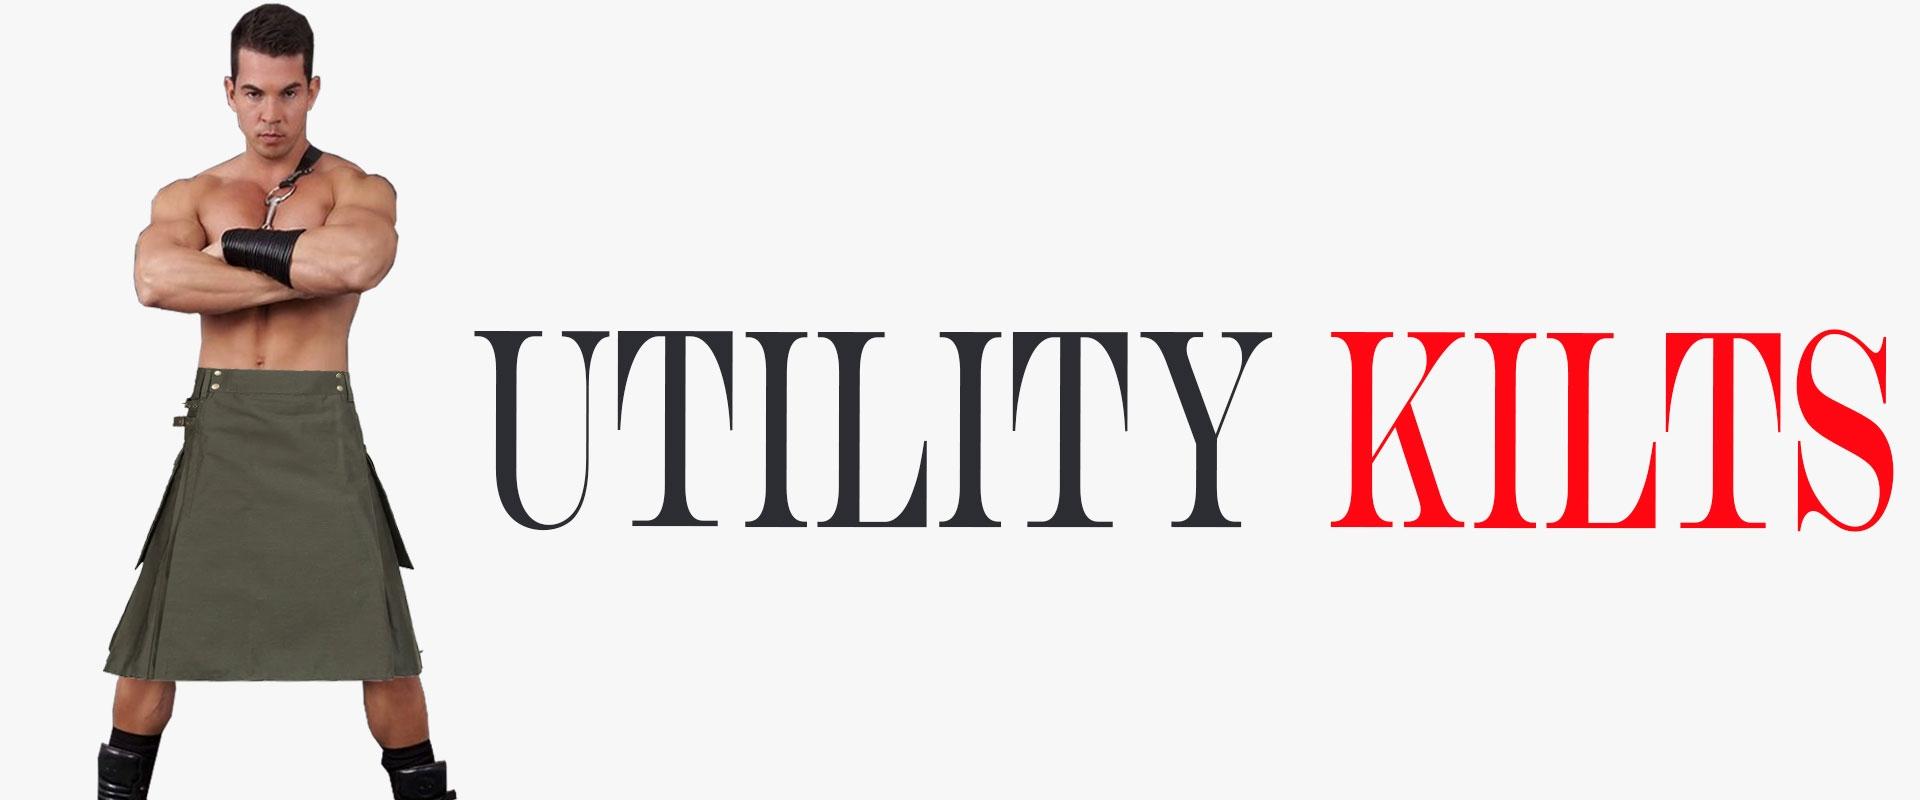 Utility Kilt